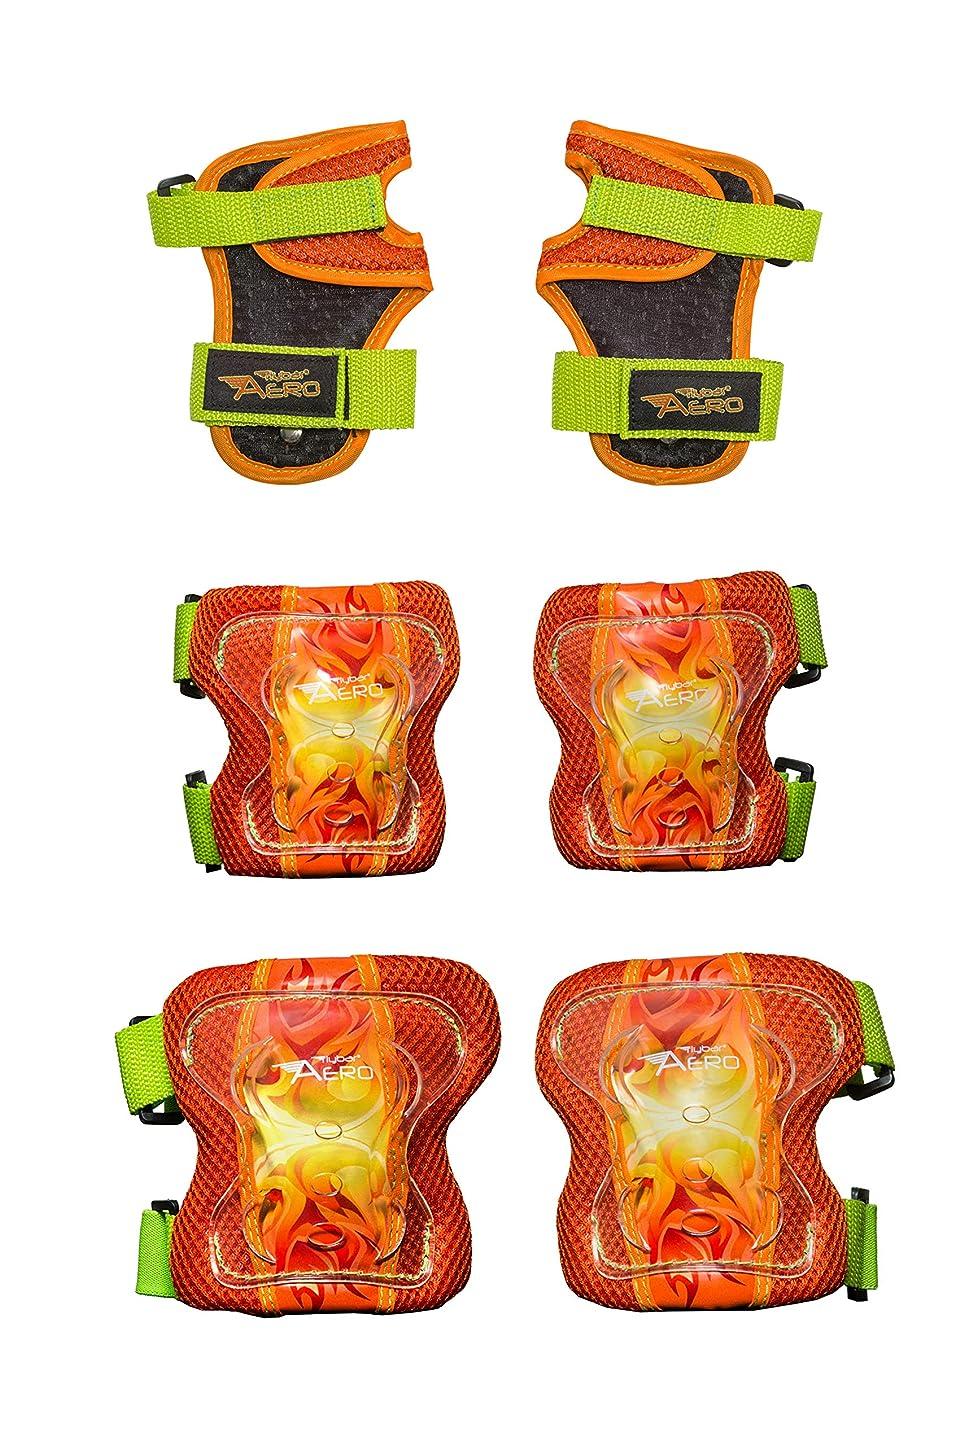 対角線ジョガー全くFlybar AERO 肘 膝 手首ガード 安全セット - マルチスポーツ保護 スケートボード BMXポゴー インラインスケート スクーター - ジュニアサイズ 対象年齢5歳から10歳